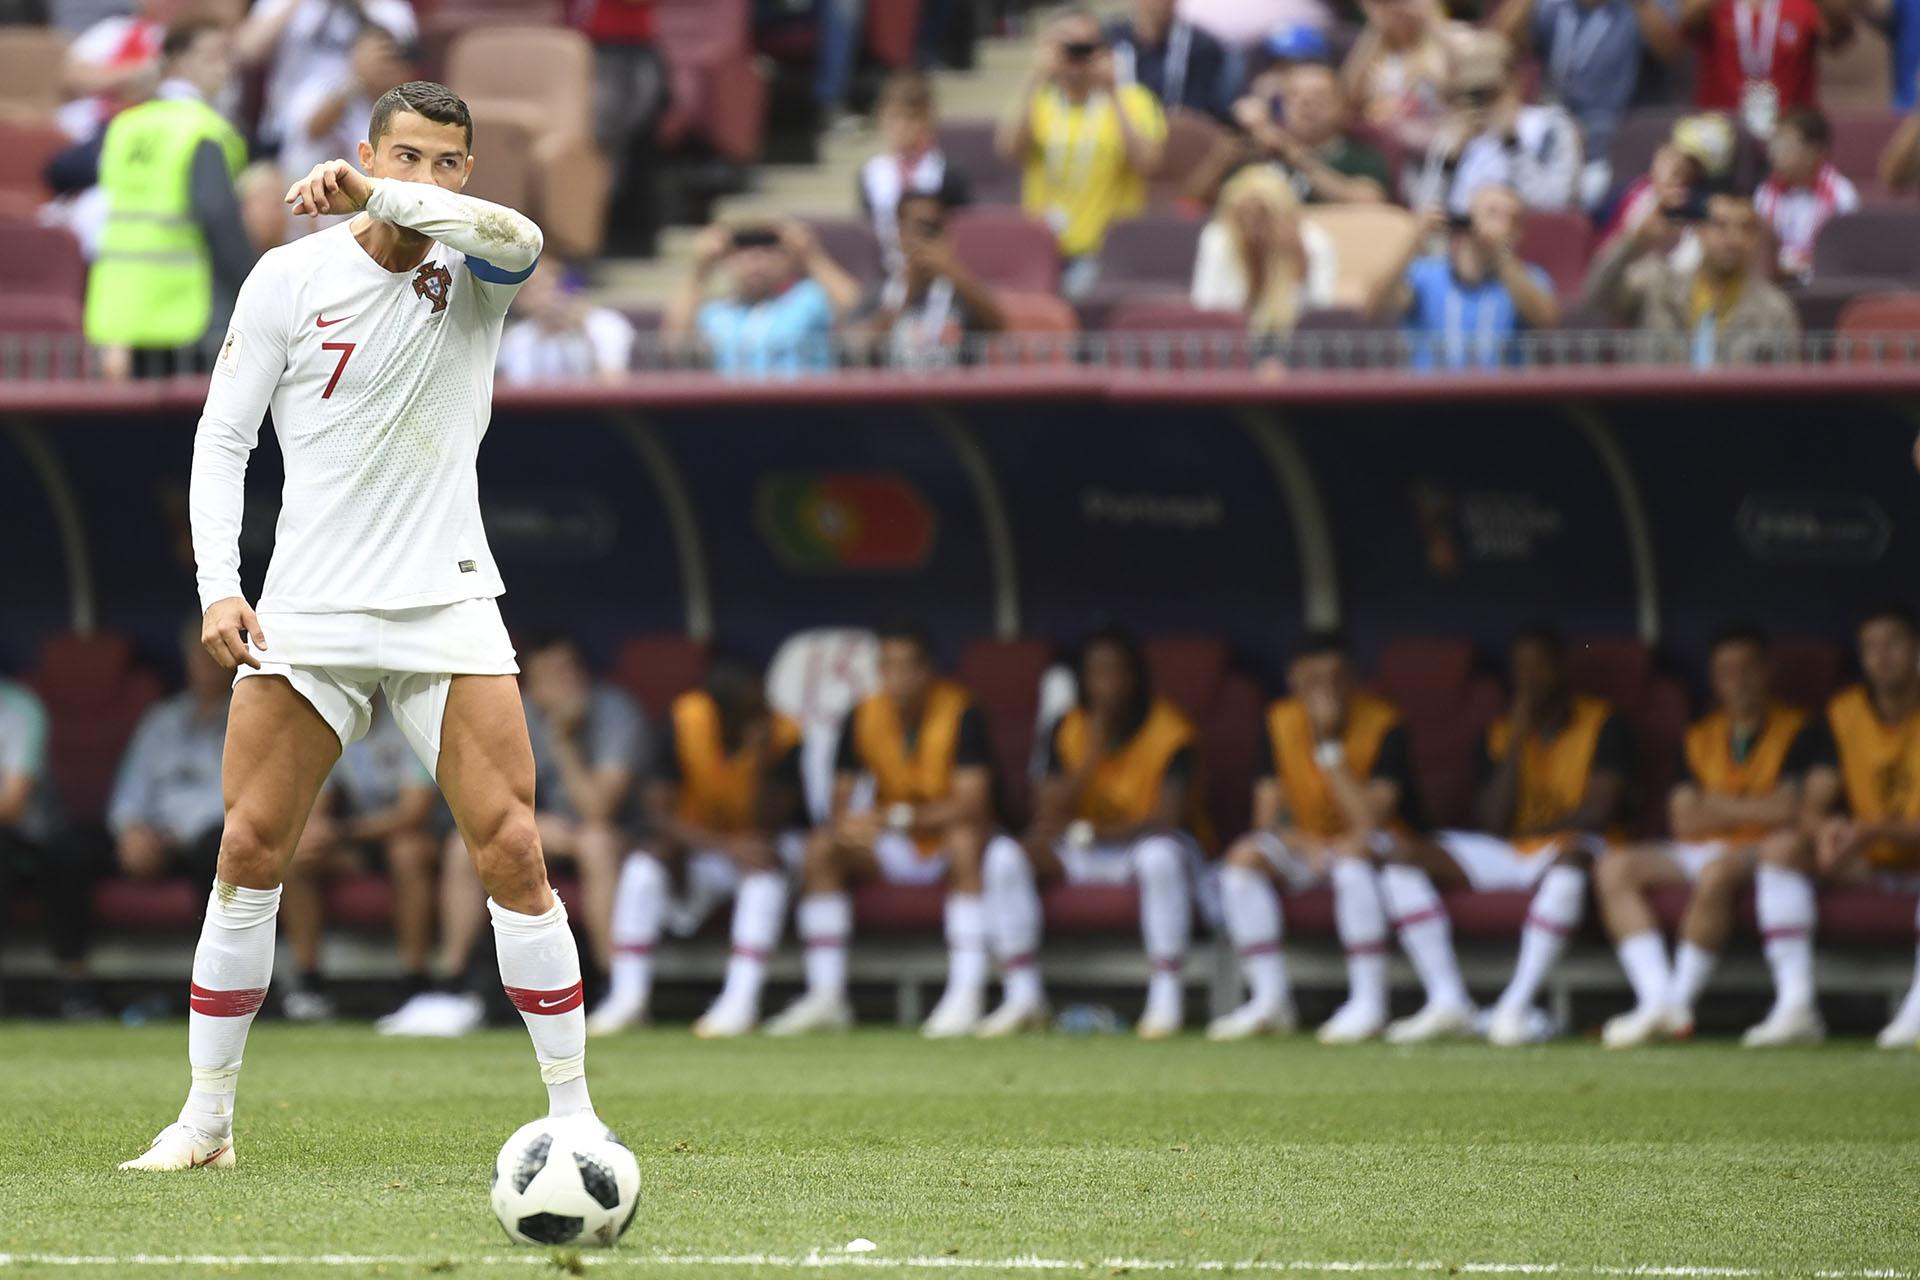 Cristiano puro. Se arremangó los pantalones antes del tiro libre, pero la pelota se fue afuera. AFP